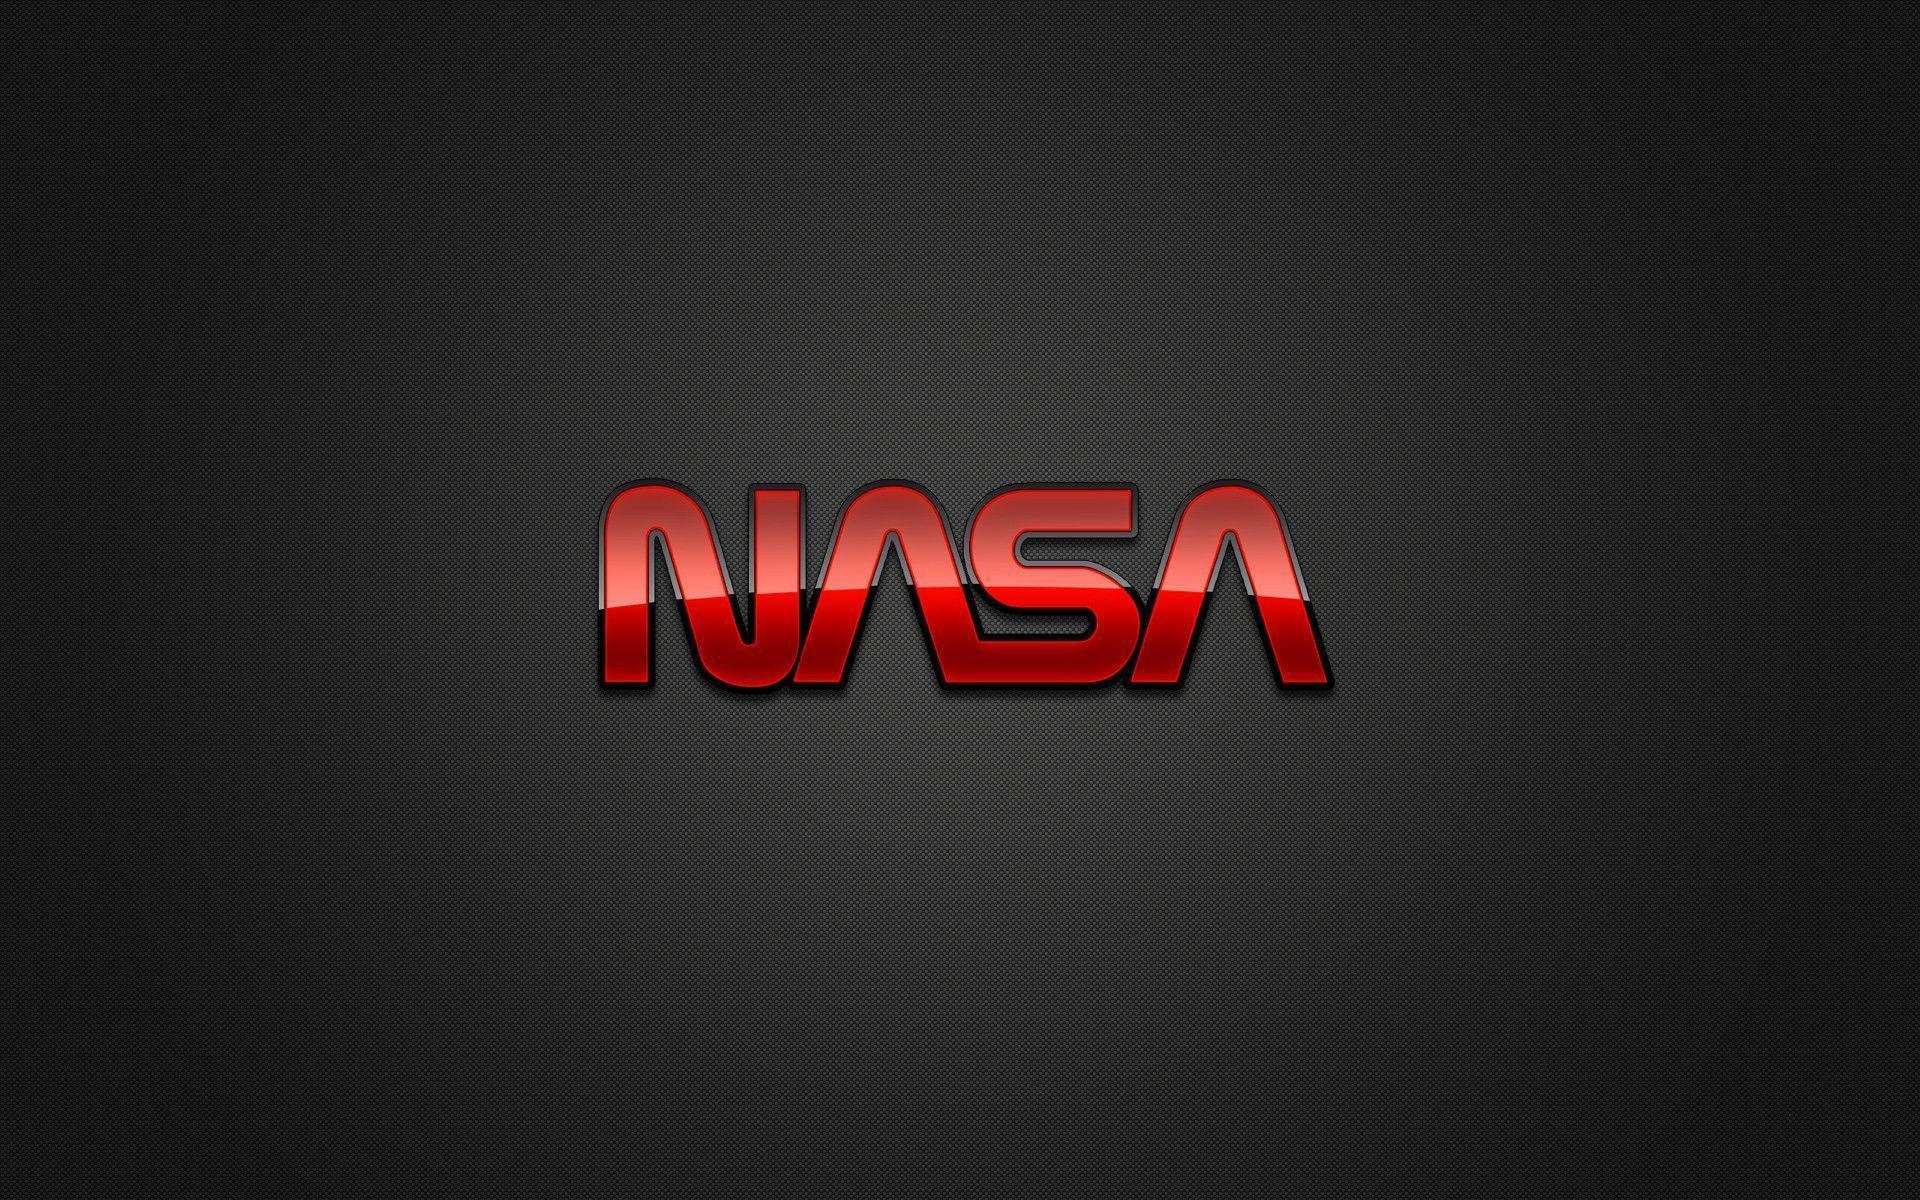 Nasa Logo Wallpapers Wallpaper Cave